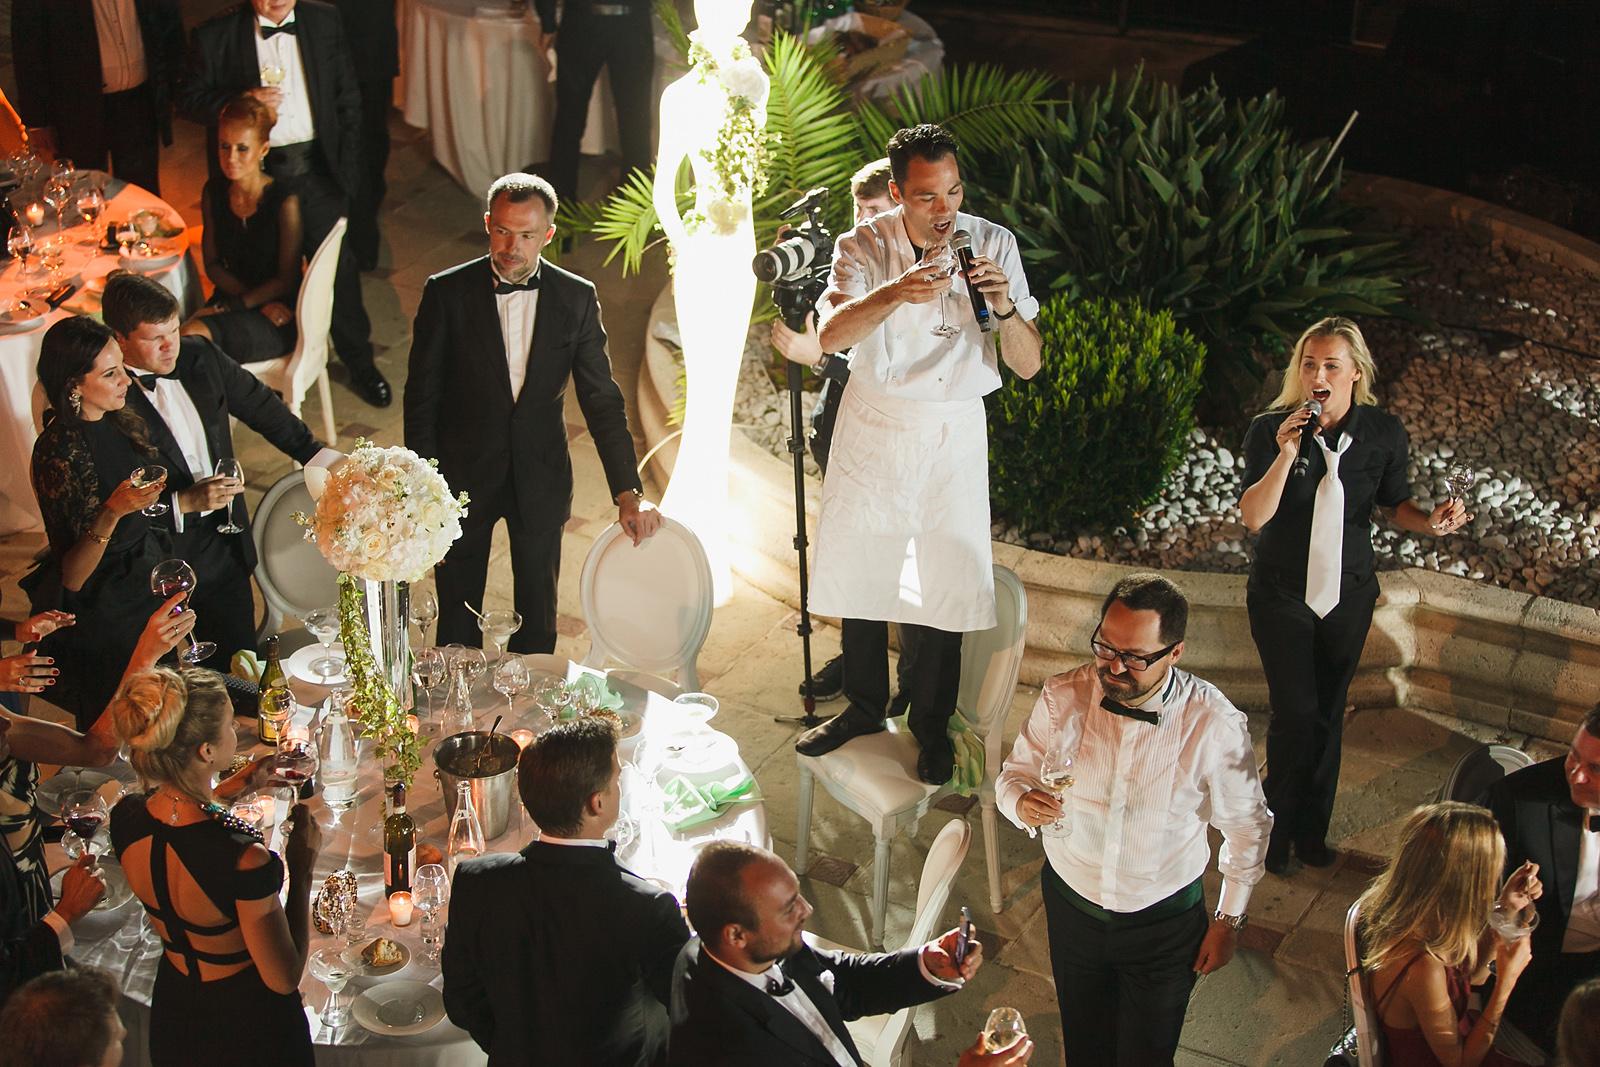 Первая встреча исполнителей услуг с женихом и невестой - о чем говорить?